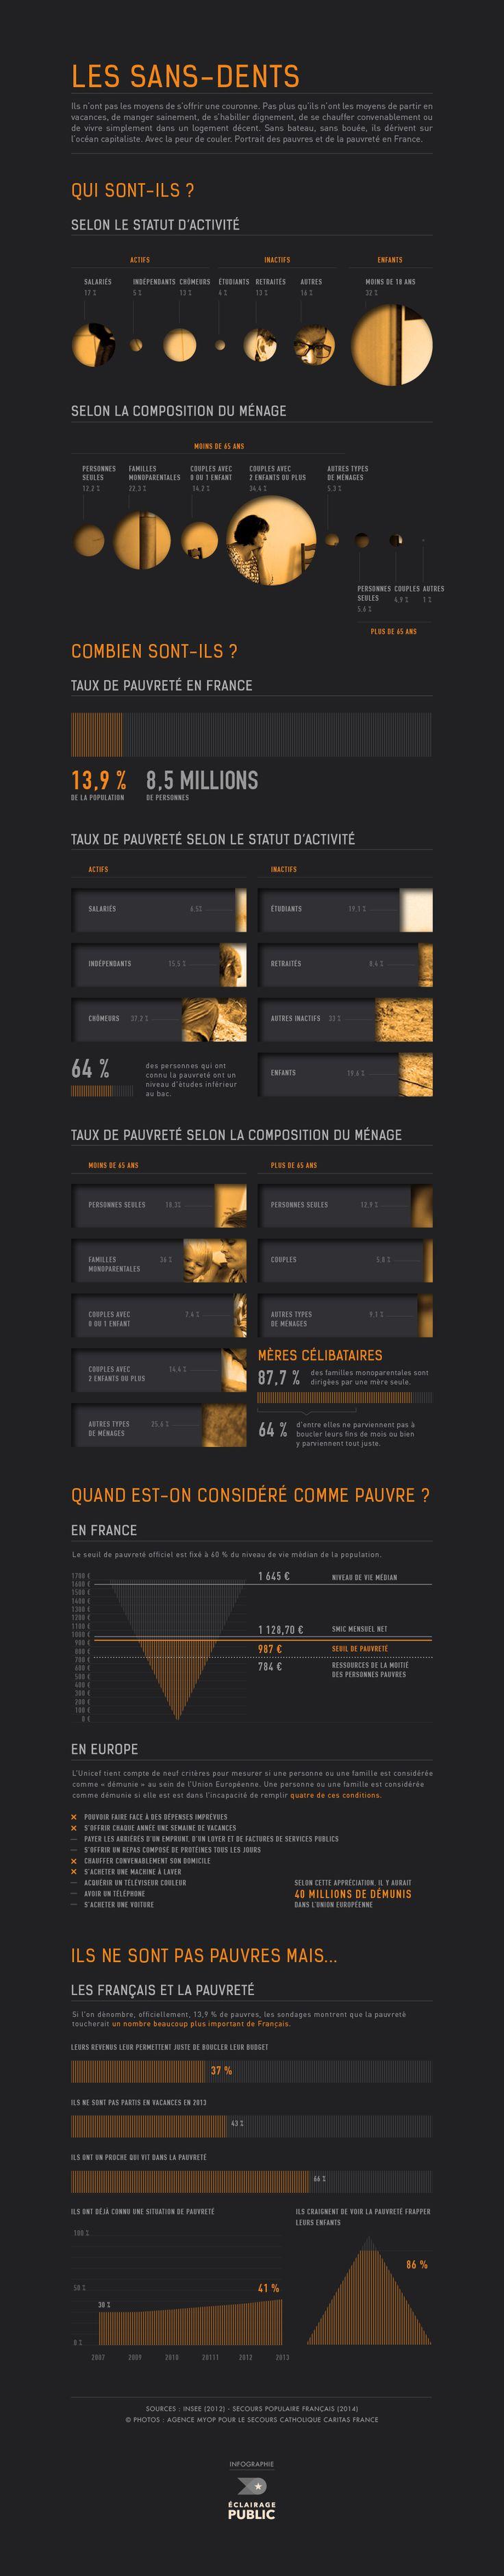 """Infographie : les """"sans-dents"""" en chiffres, via @soann.""""LA FRANCE..., c'est ça aussi et pour un certain nombre!...mais non pour tous! OUI, amertume,réalités... PAUVRE FRANCE !"""